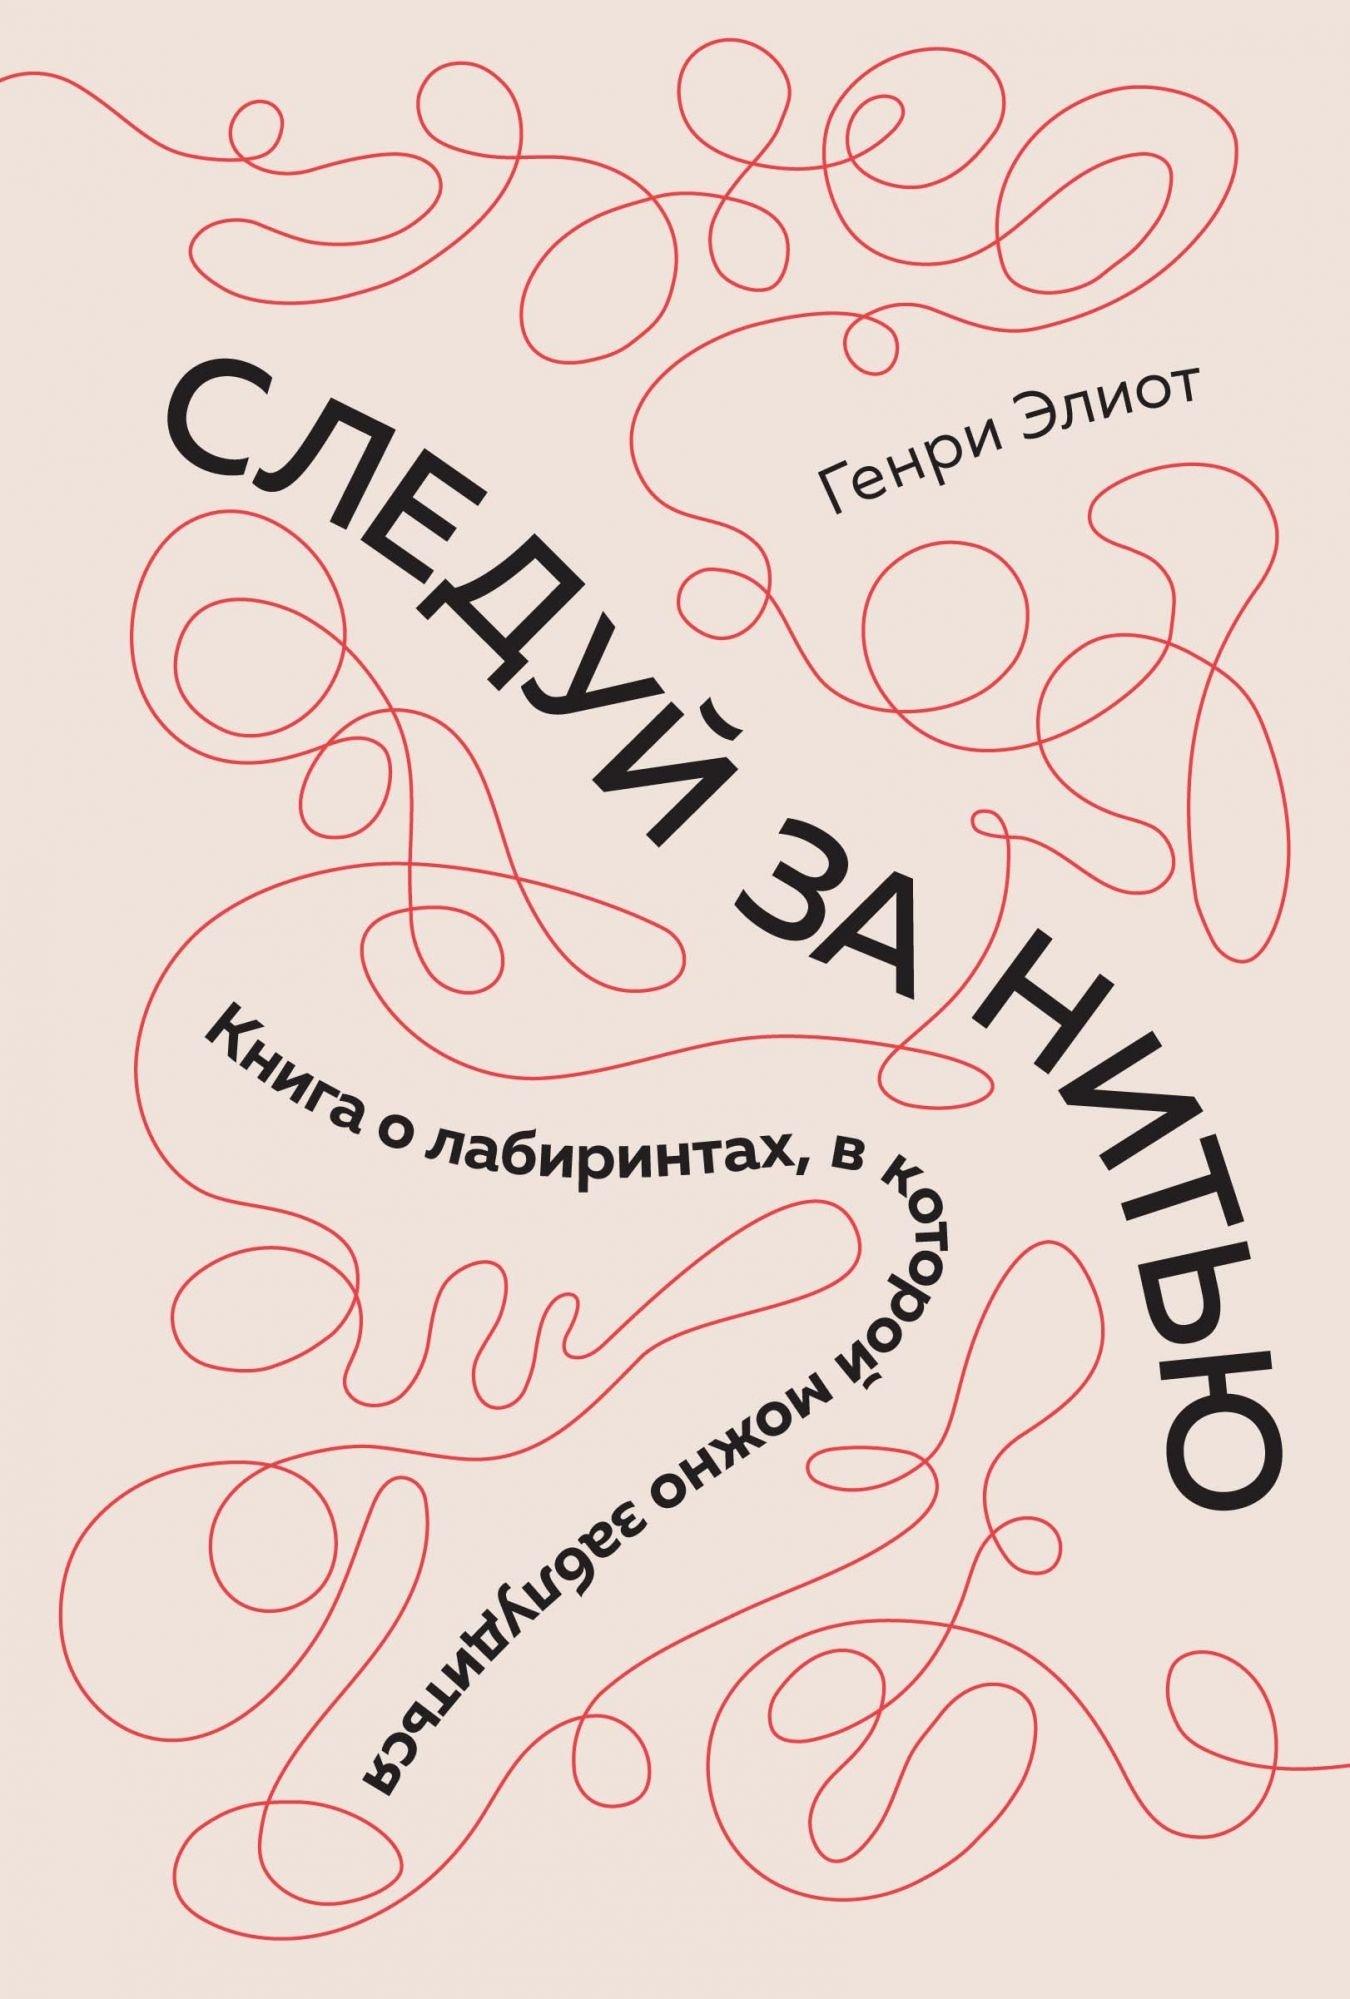 Следуй за нитью. Книга о лабиринтах, в которой можно заблудиться. Автор — Генри Элиот. Переплет —